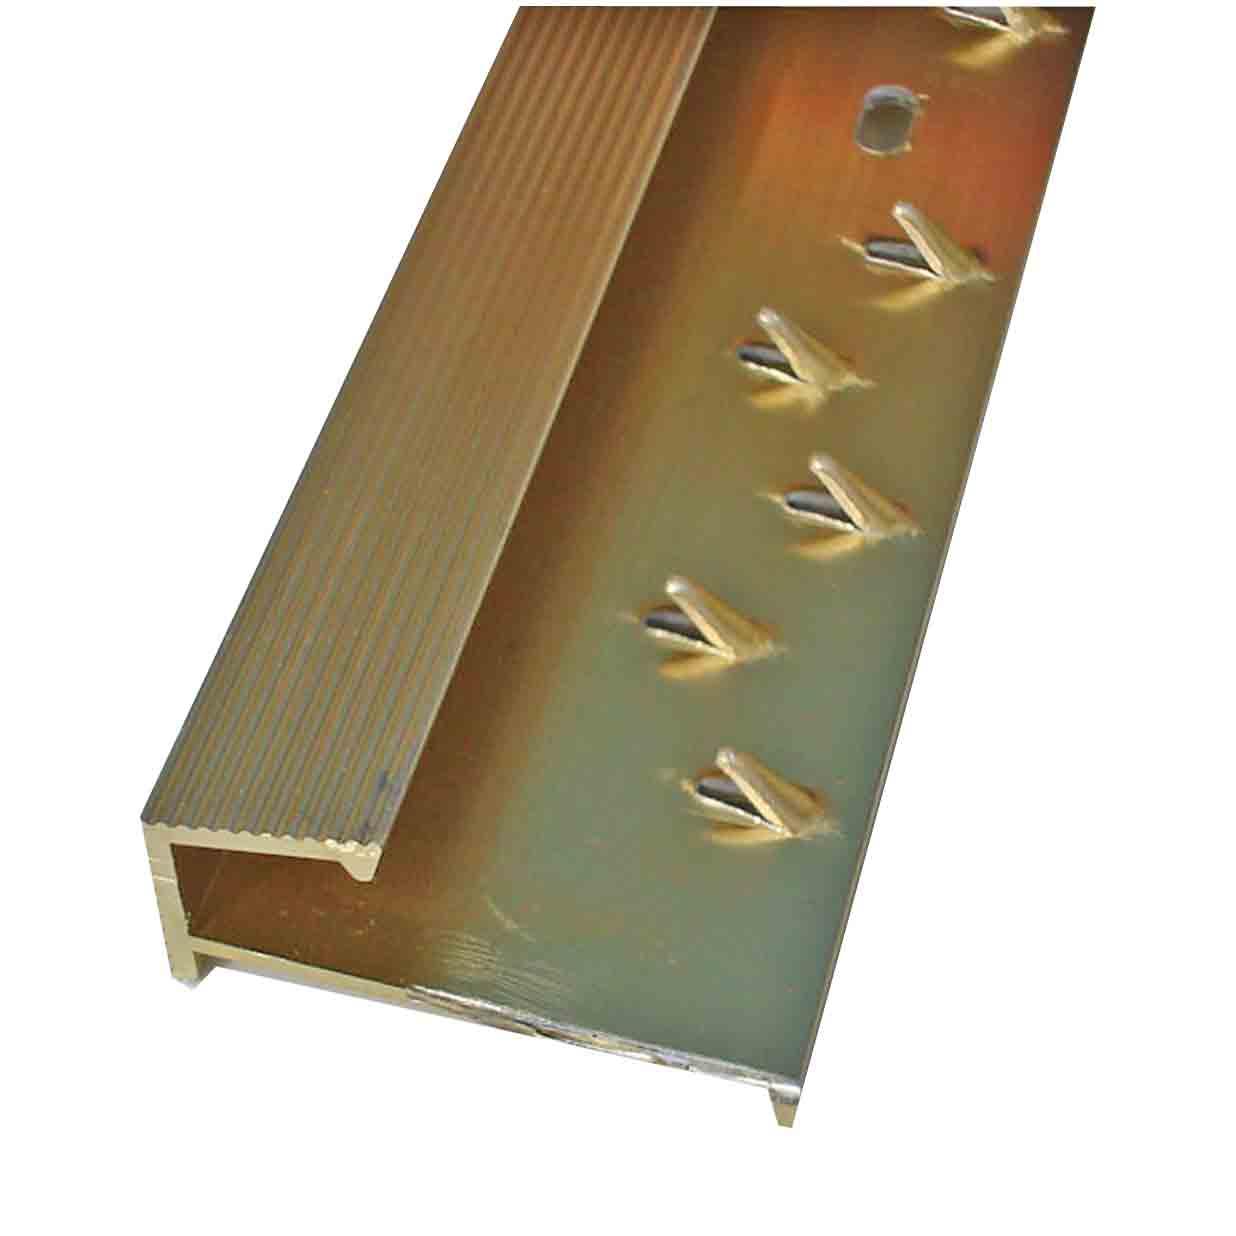 square carpet tile edge gold door trim x 2 7 mtr long